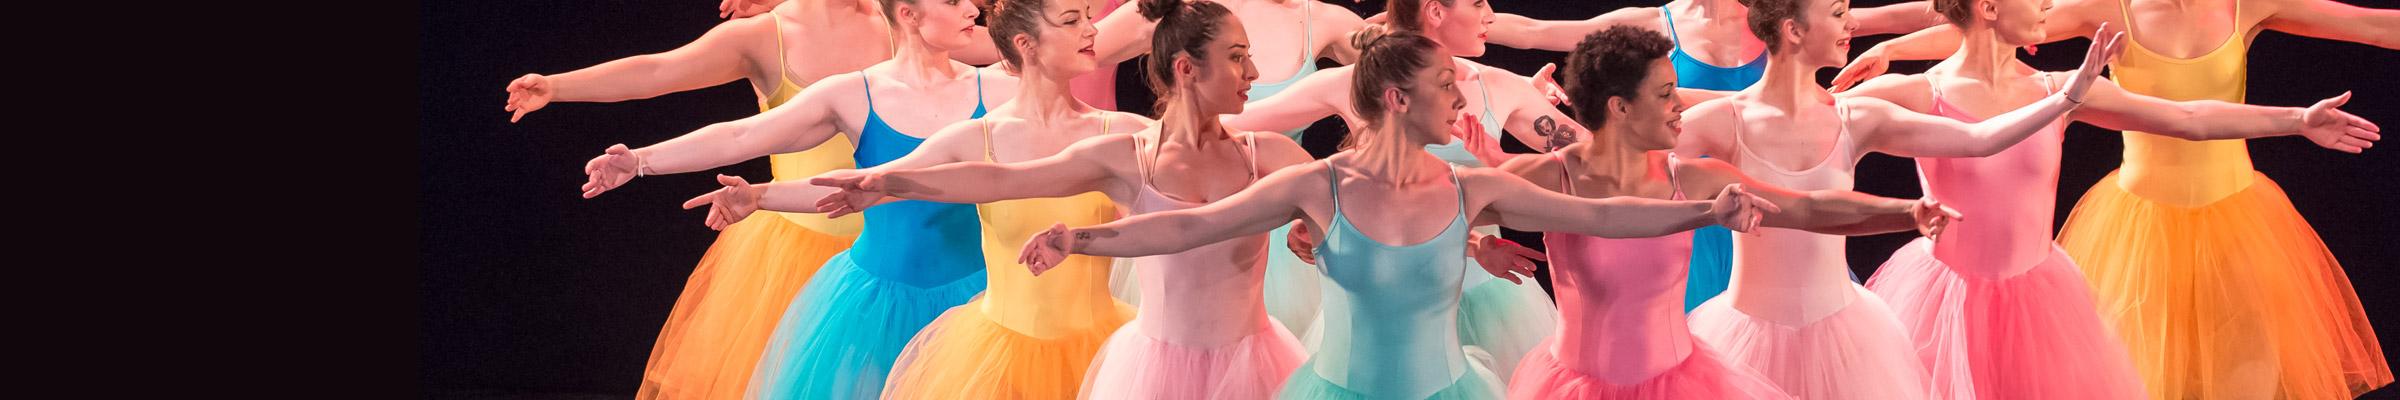 Formation danseurs - Mise à niveau